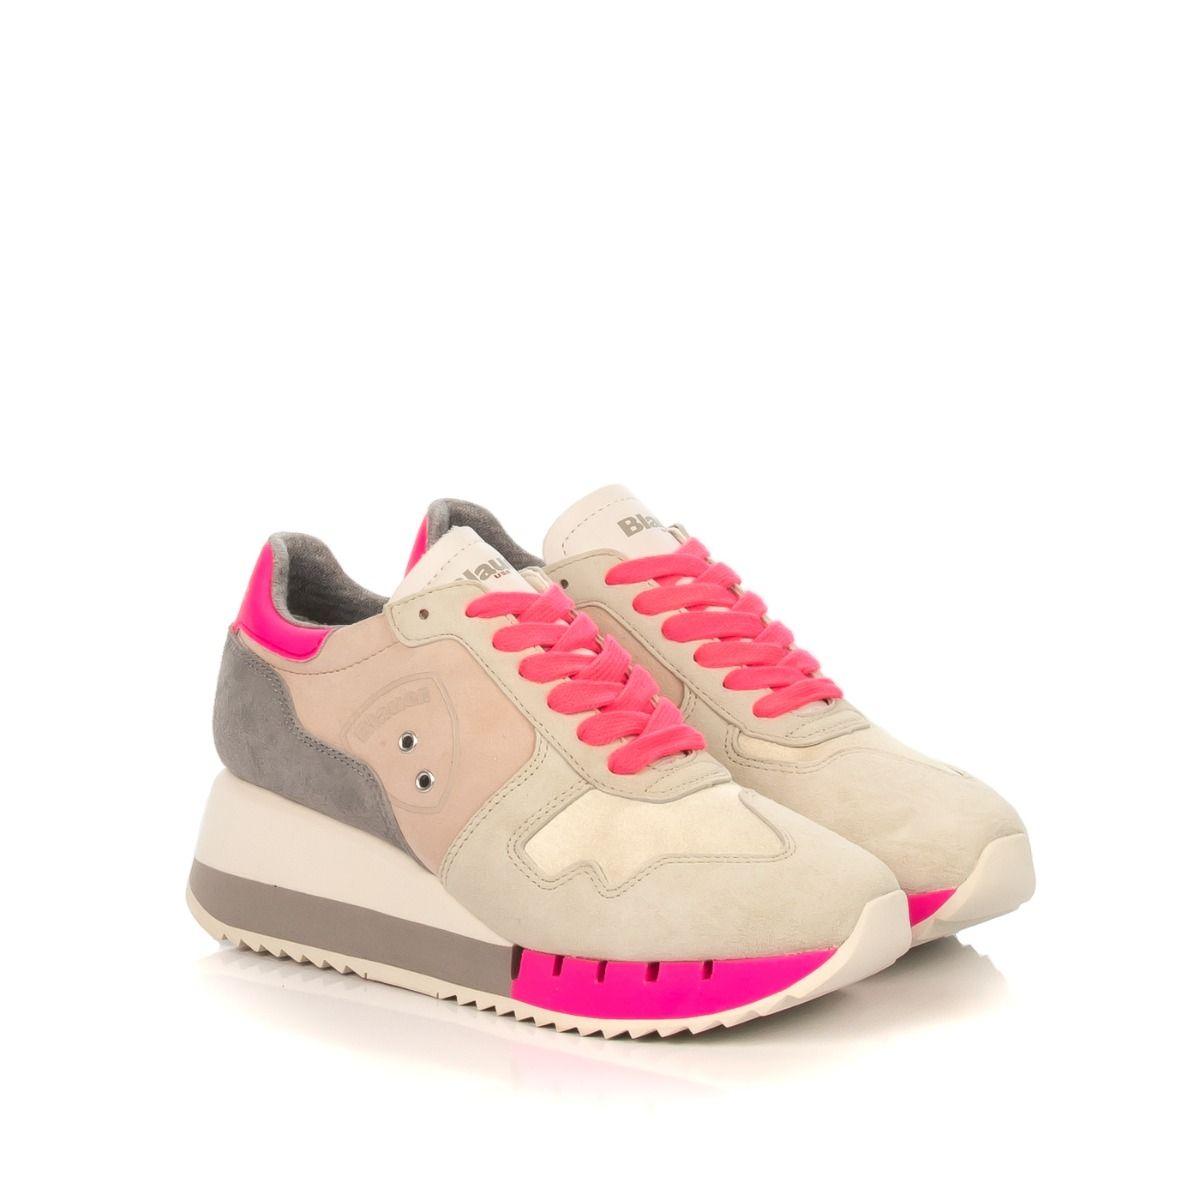 Sneakers donna zeppa|BLAUER CHARLOTTE 1 FLUO beige e fucsia